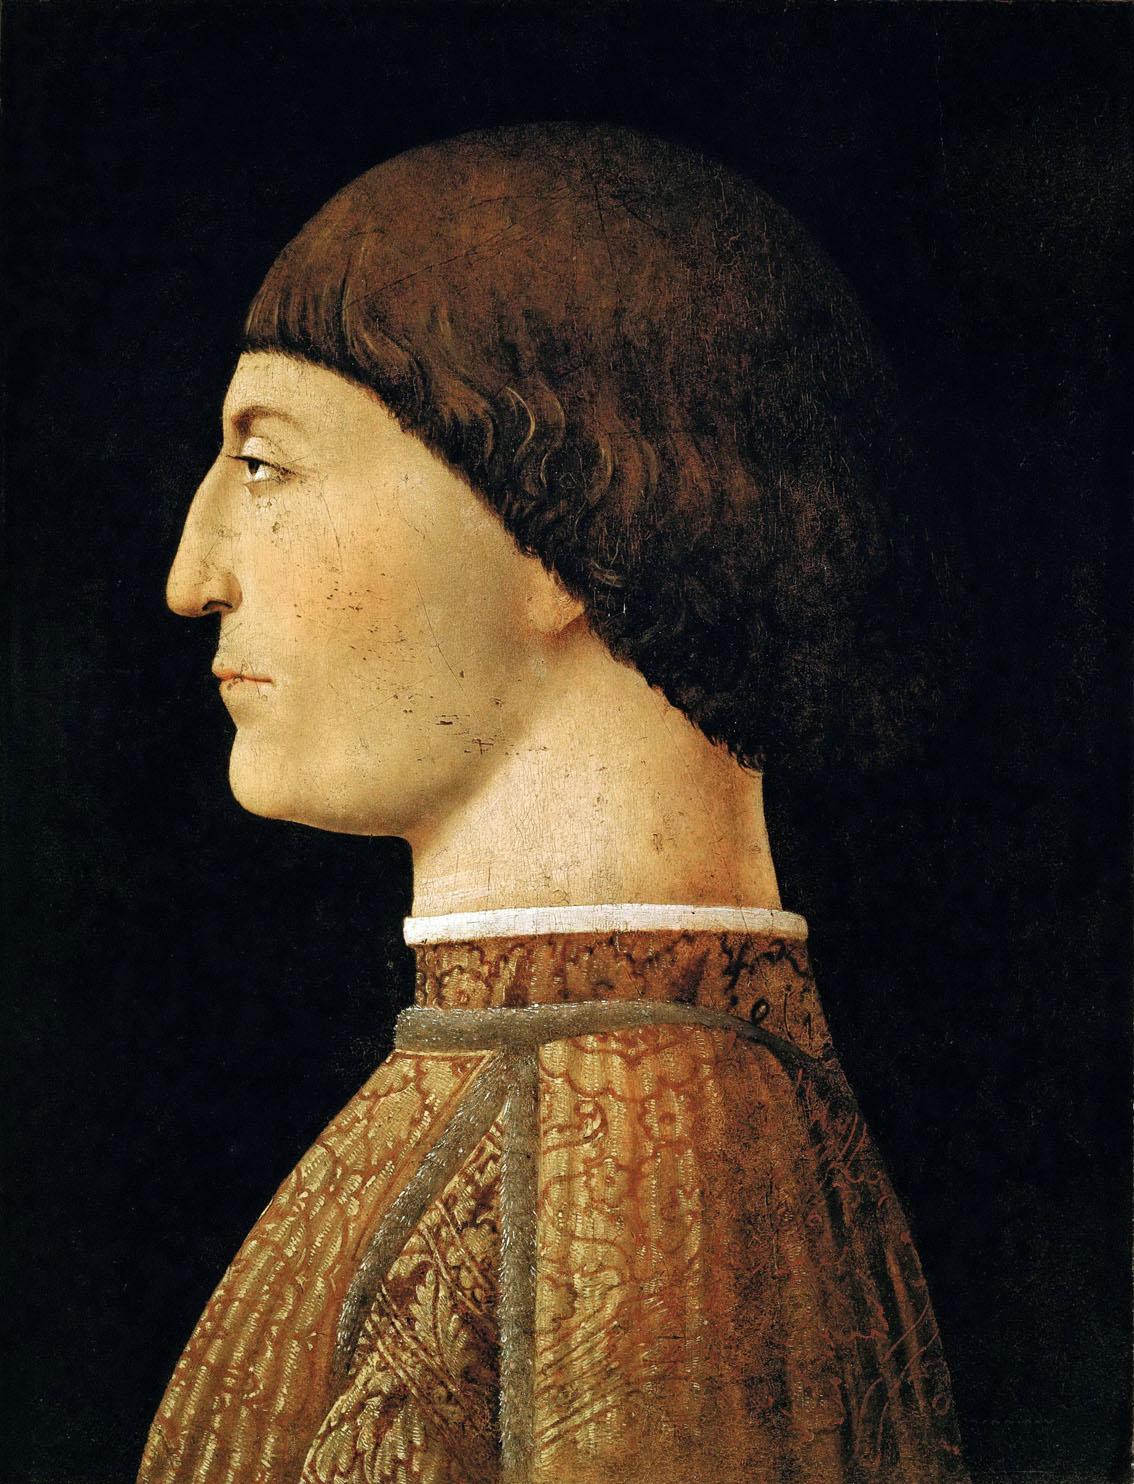 Retrato de Segismundo Pandolfo Malatesta, 1451, óleo y temple sobre tabla, 44,5 x 34,5 cm, París, Museo del Louvre.